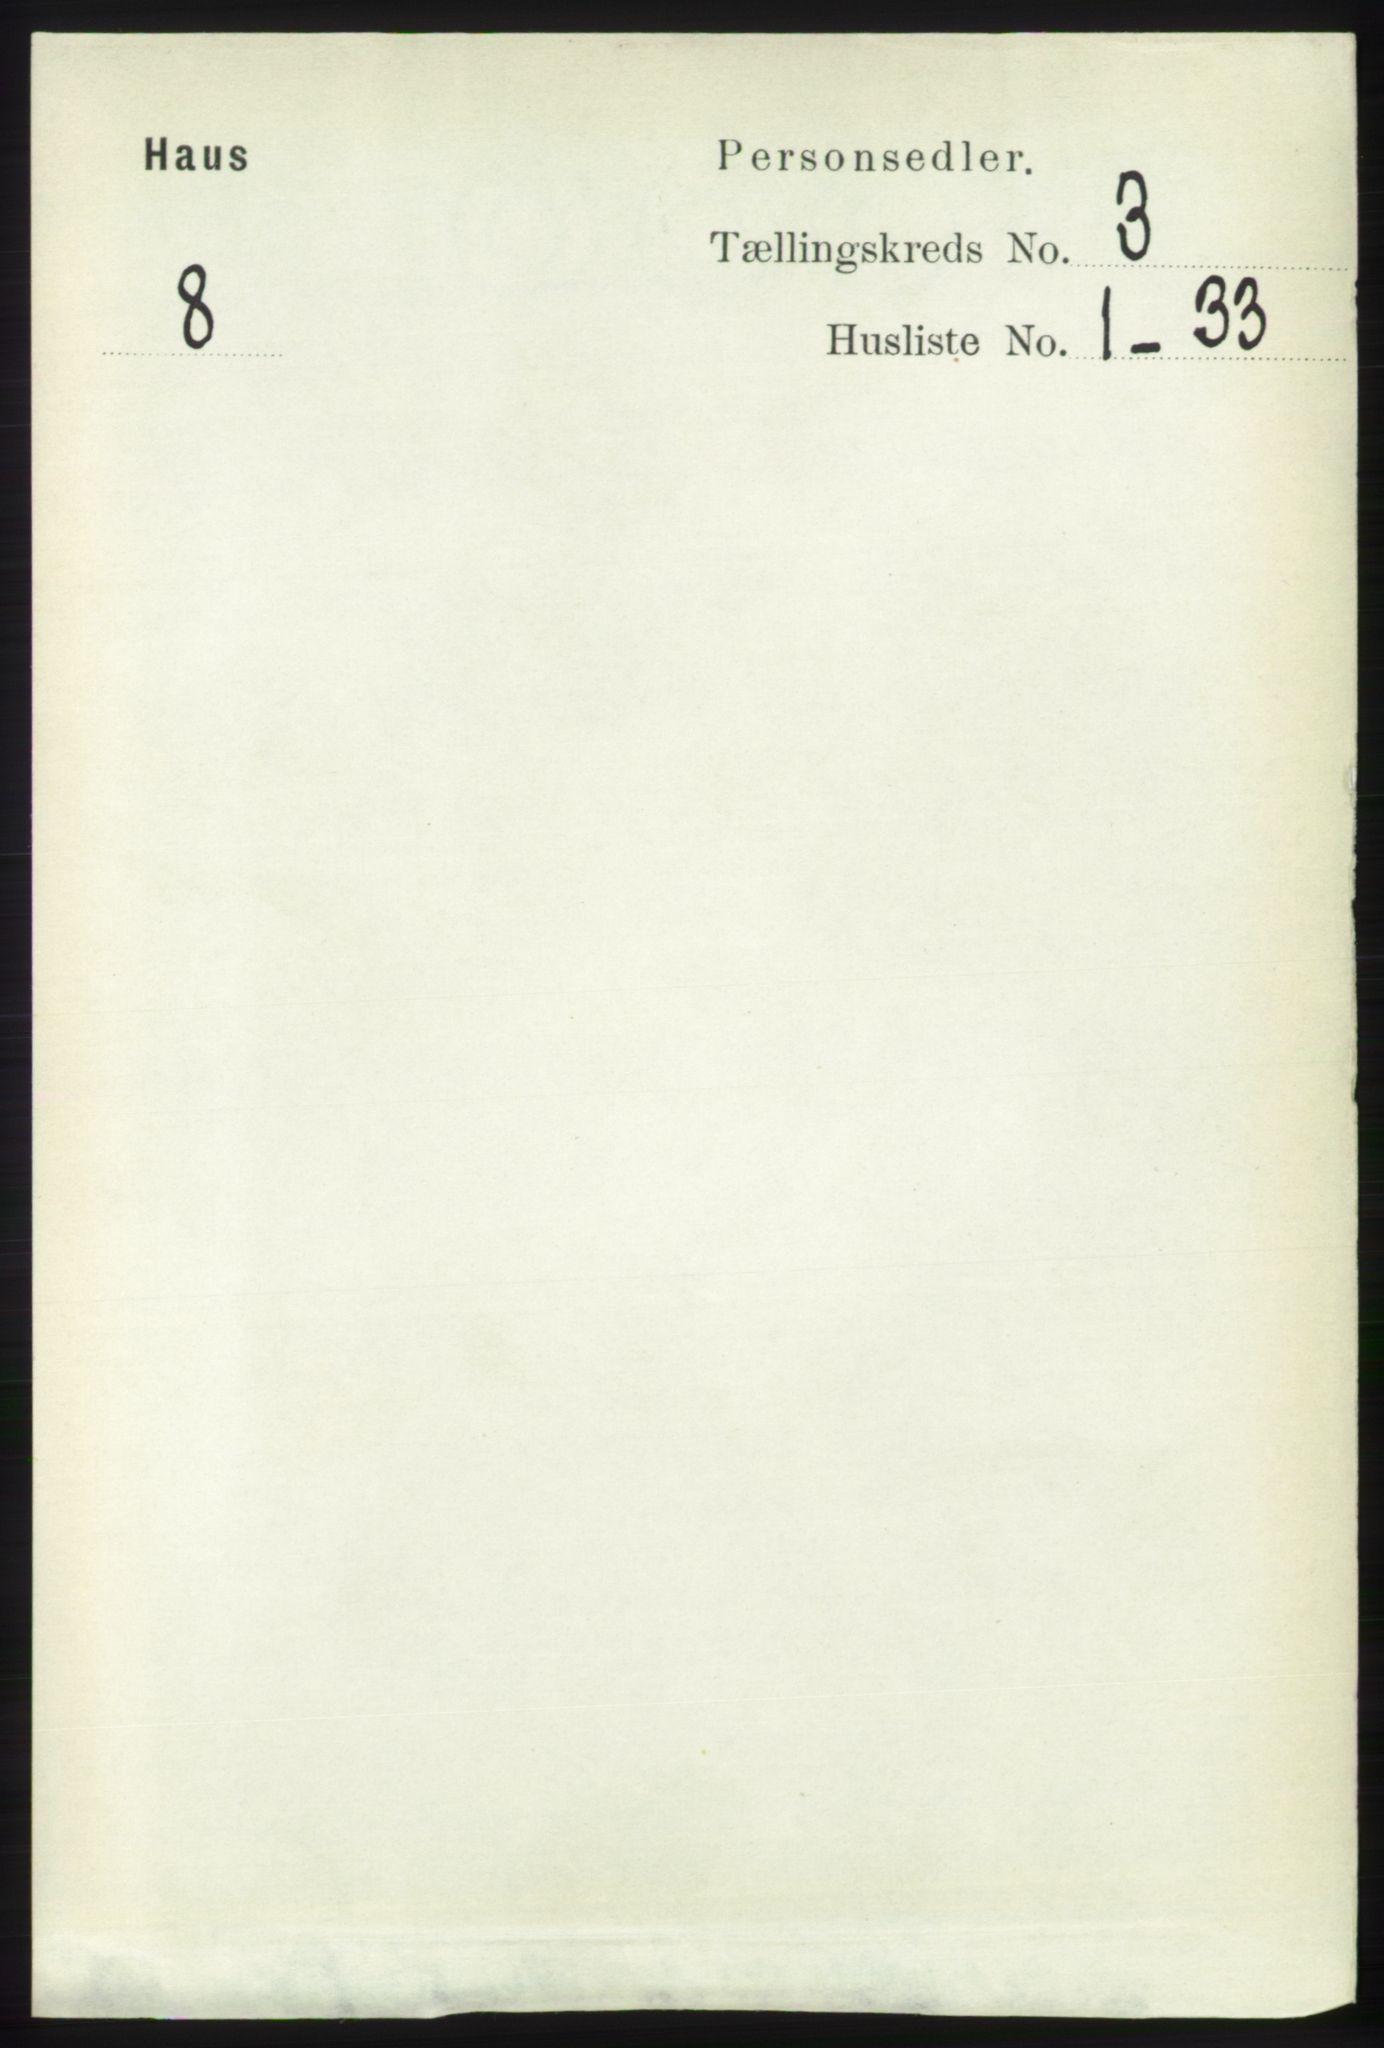 RA, Folketelling 1891 for 1250 Haus herred, 1891, s. 959